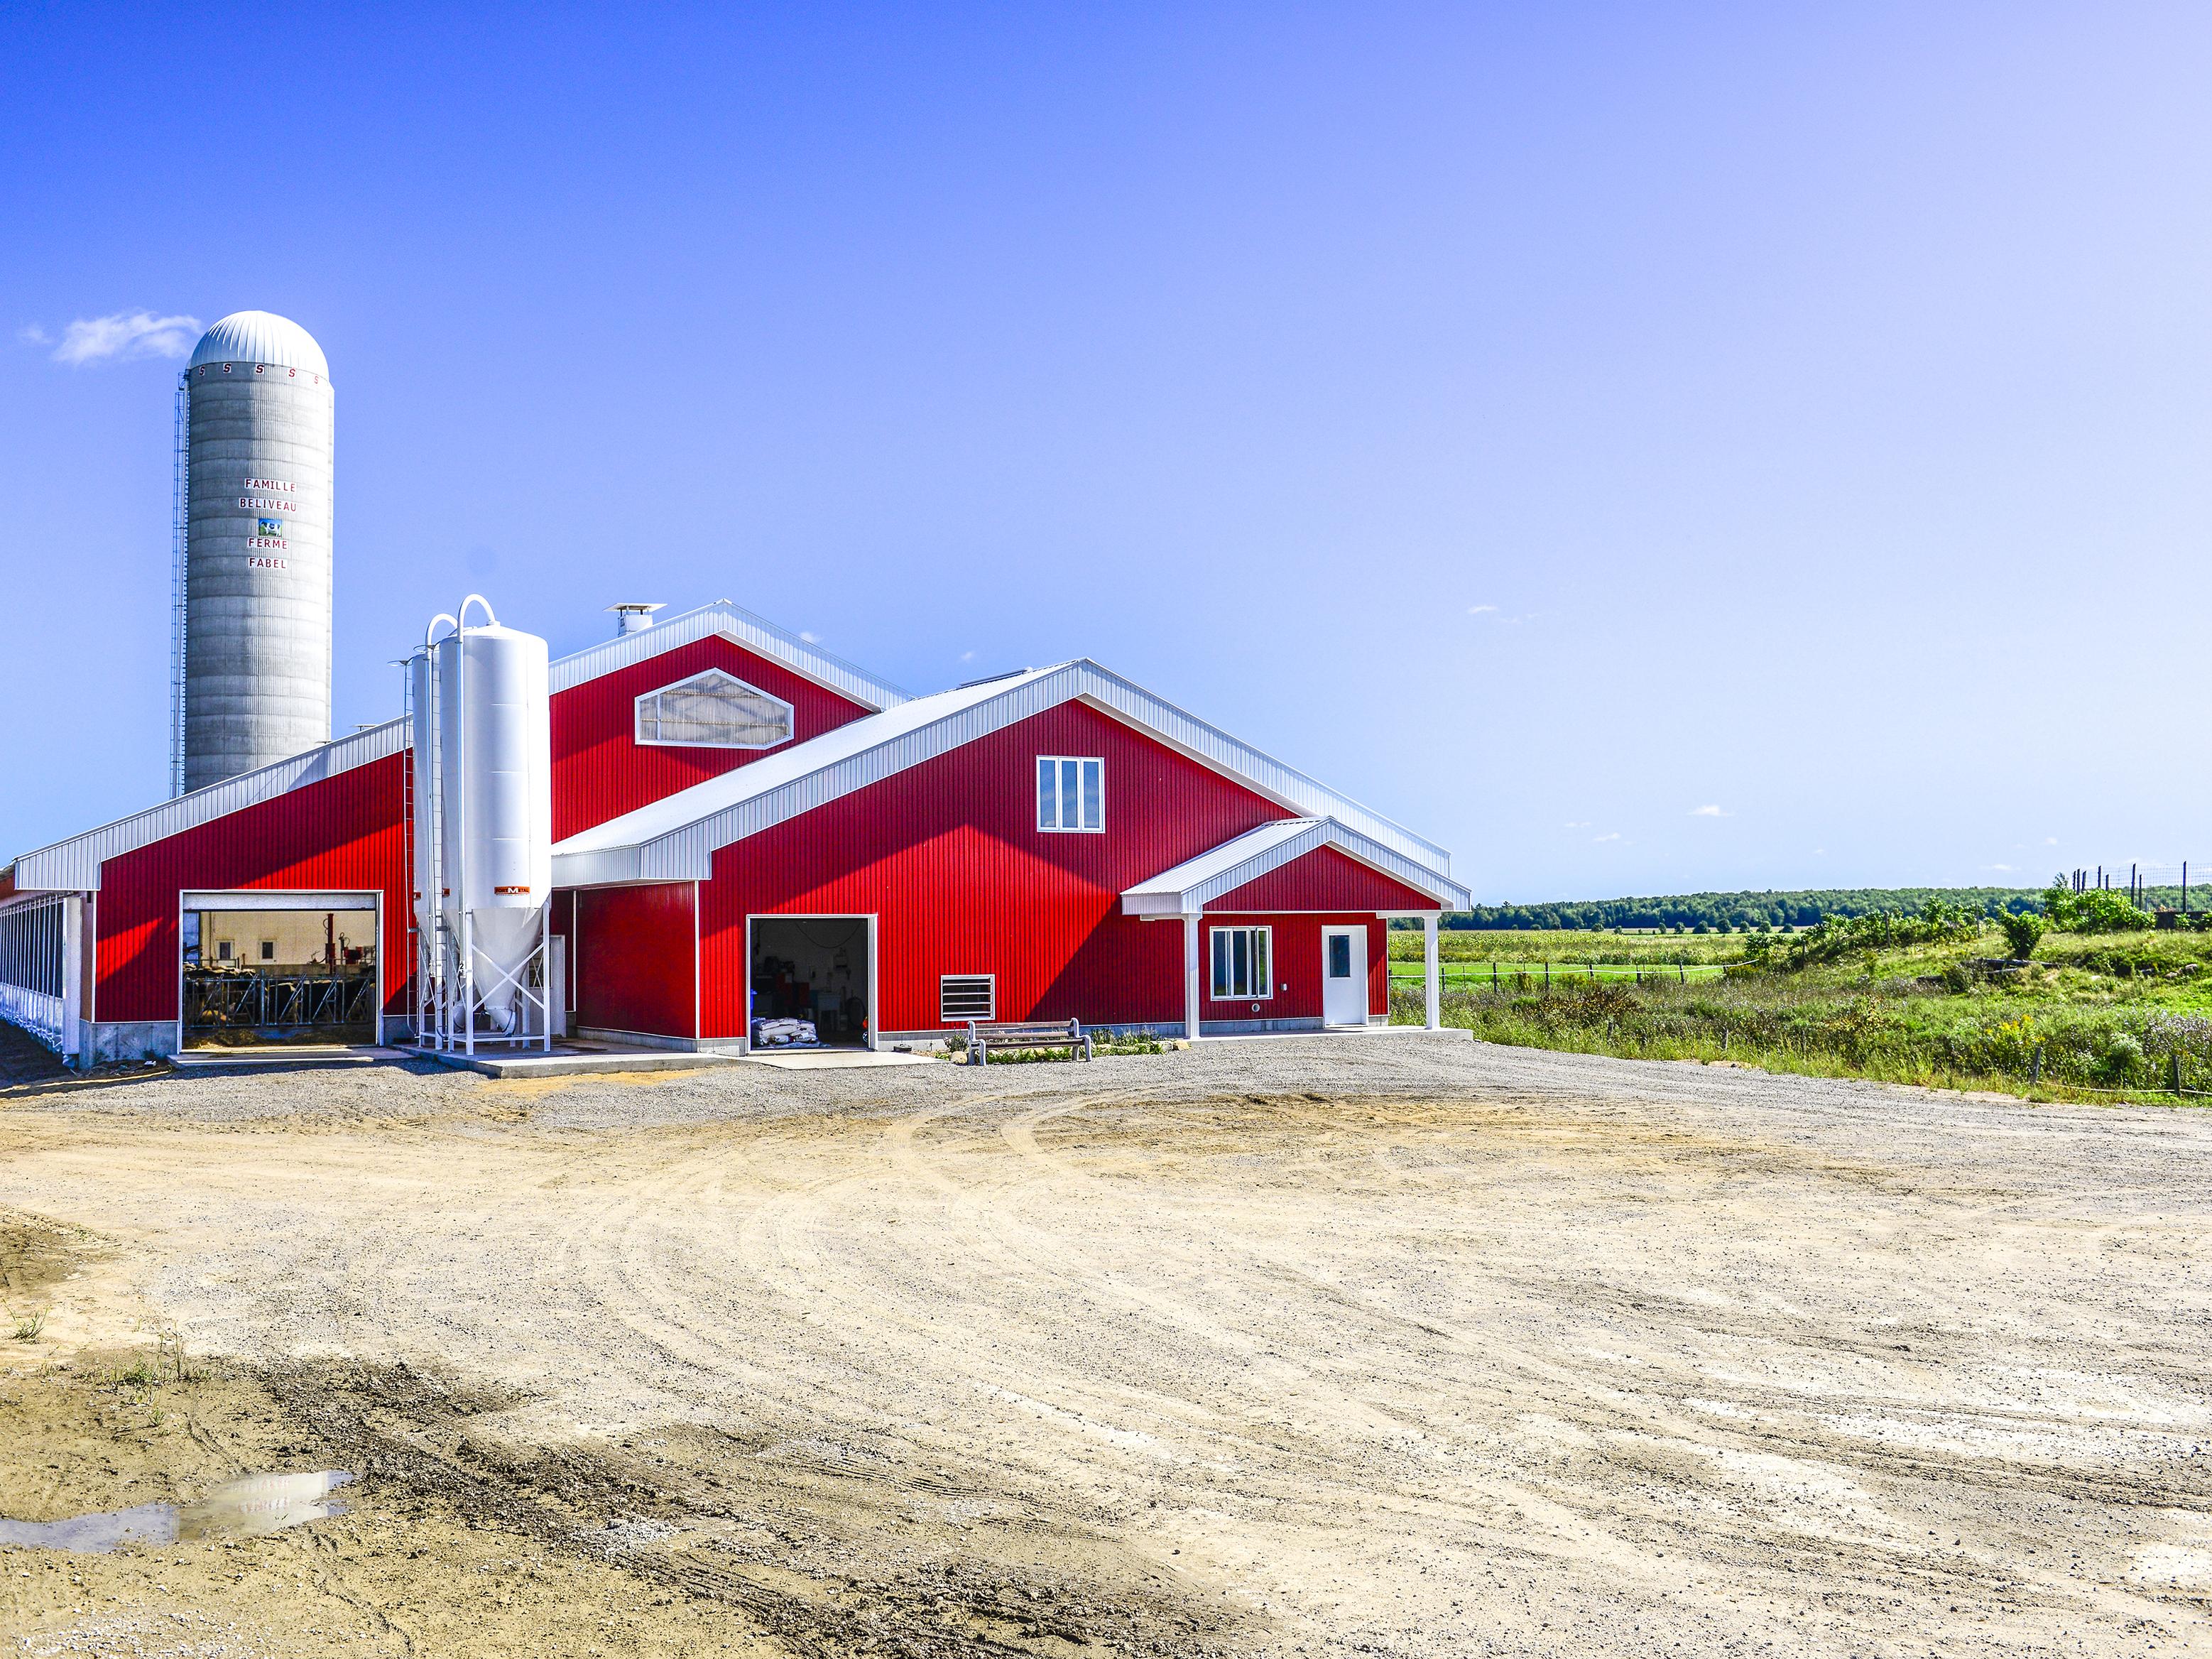 ferme rouge dans la campagne 2